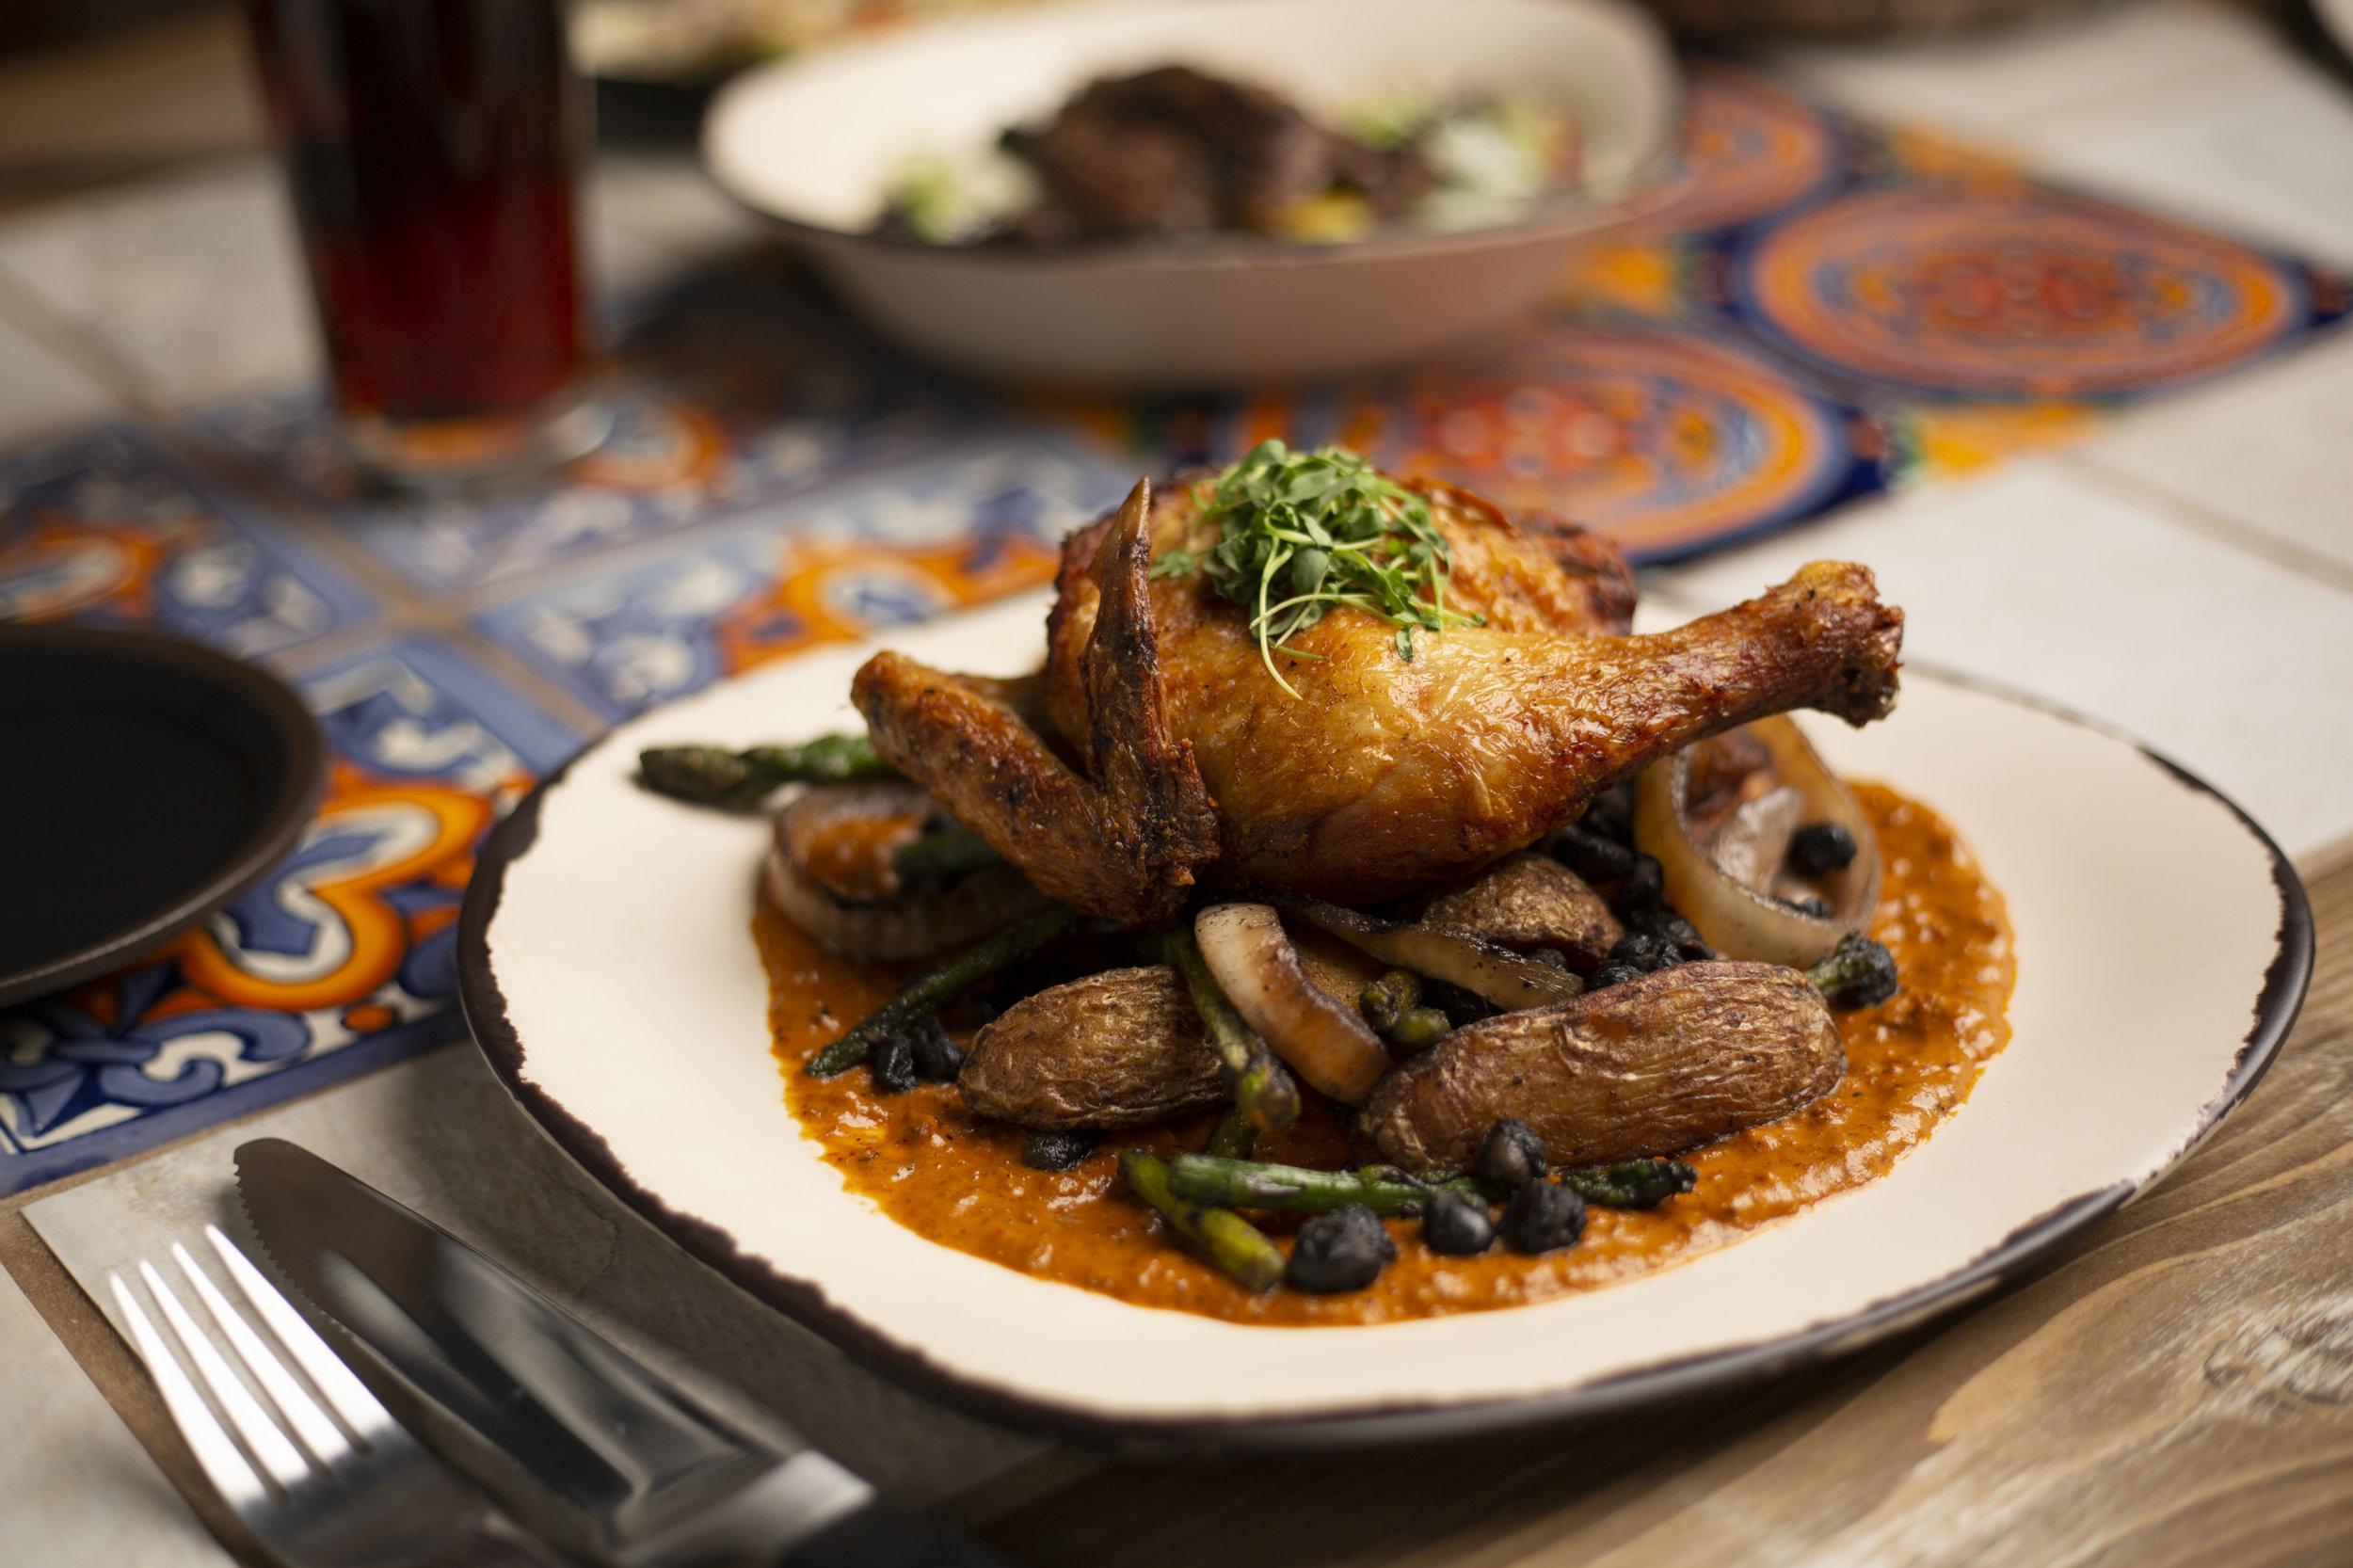 Calavera_7-1-19_Dinner Chicken and Chorizo_02.jpg